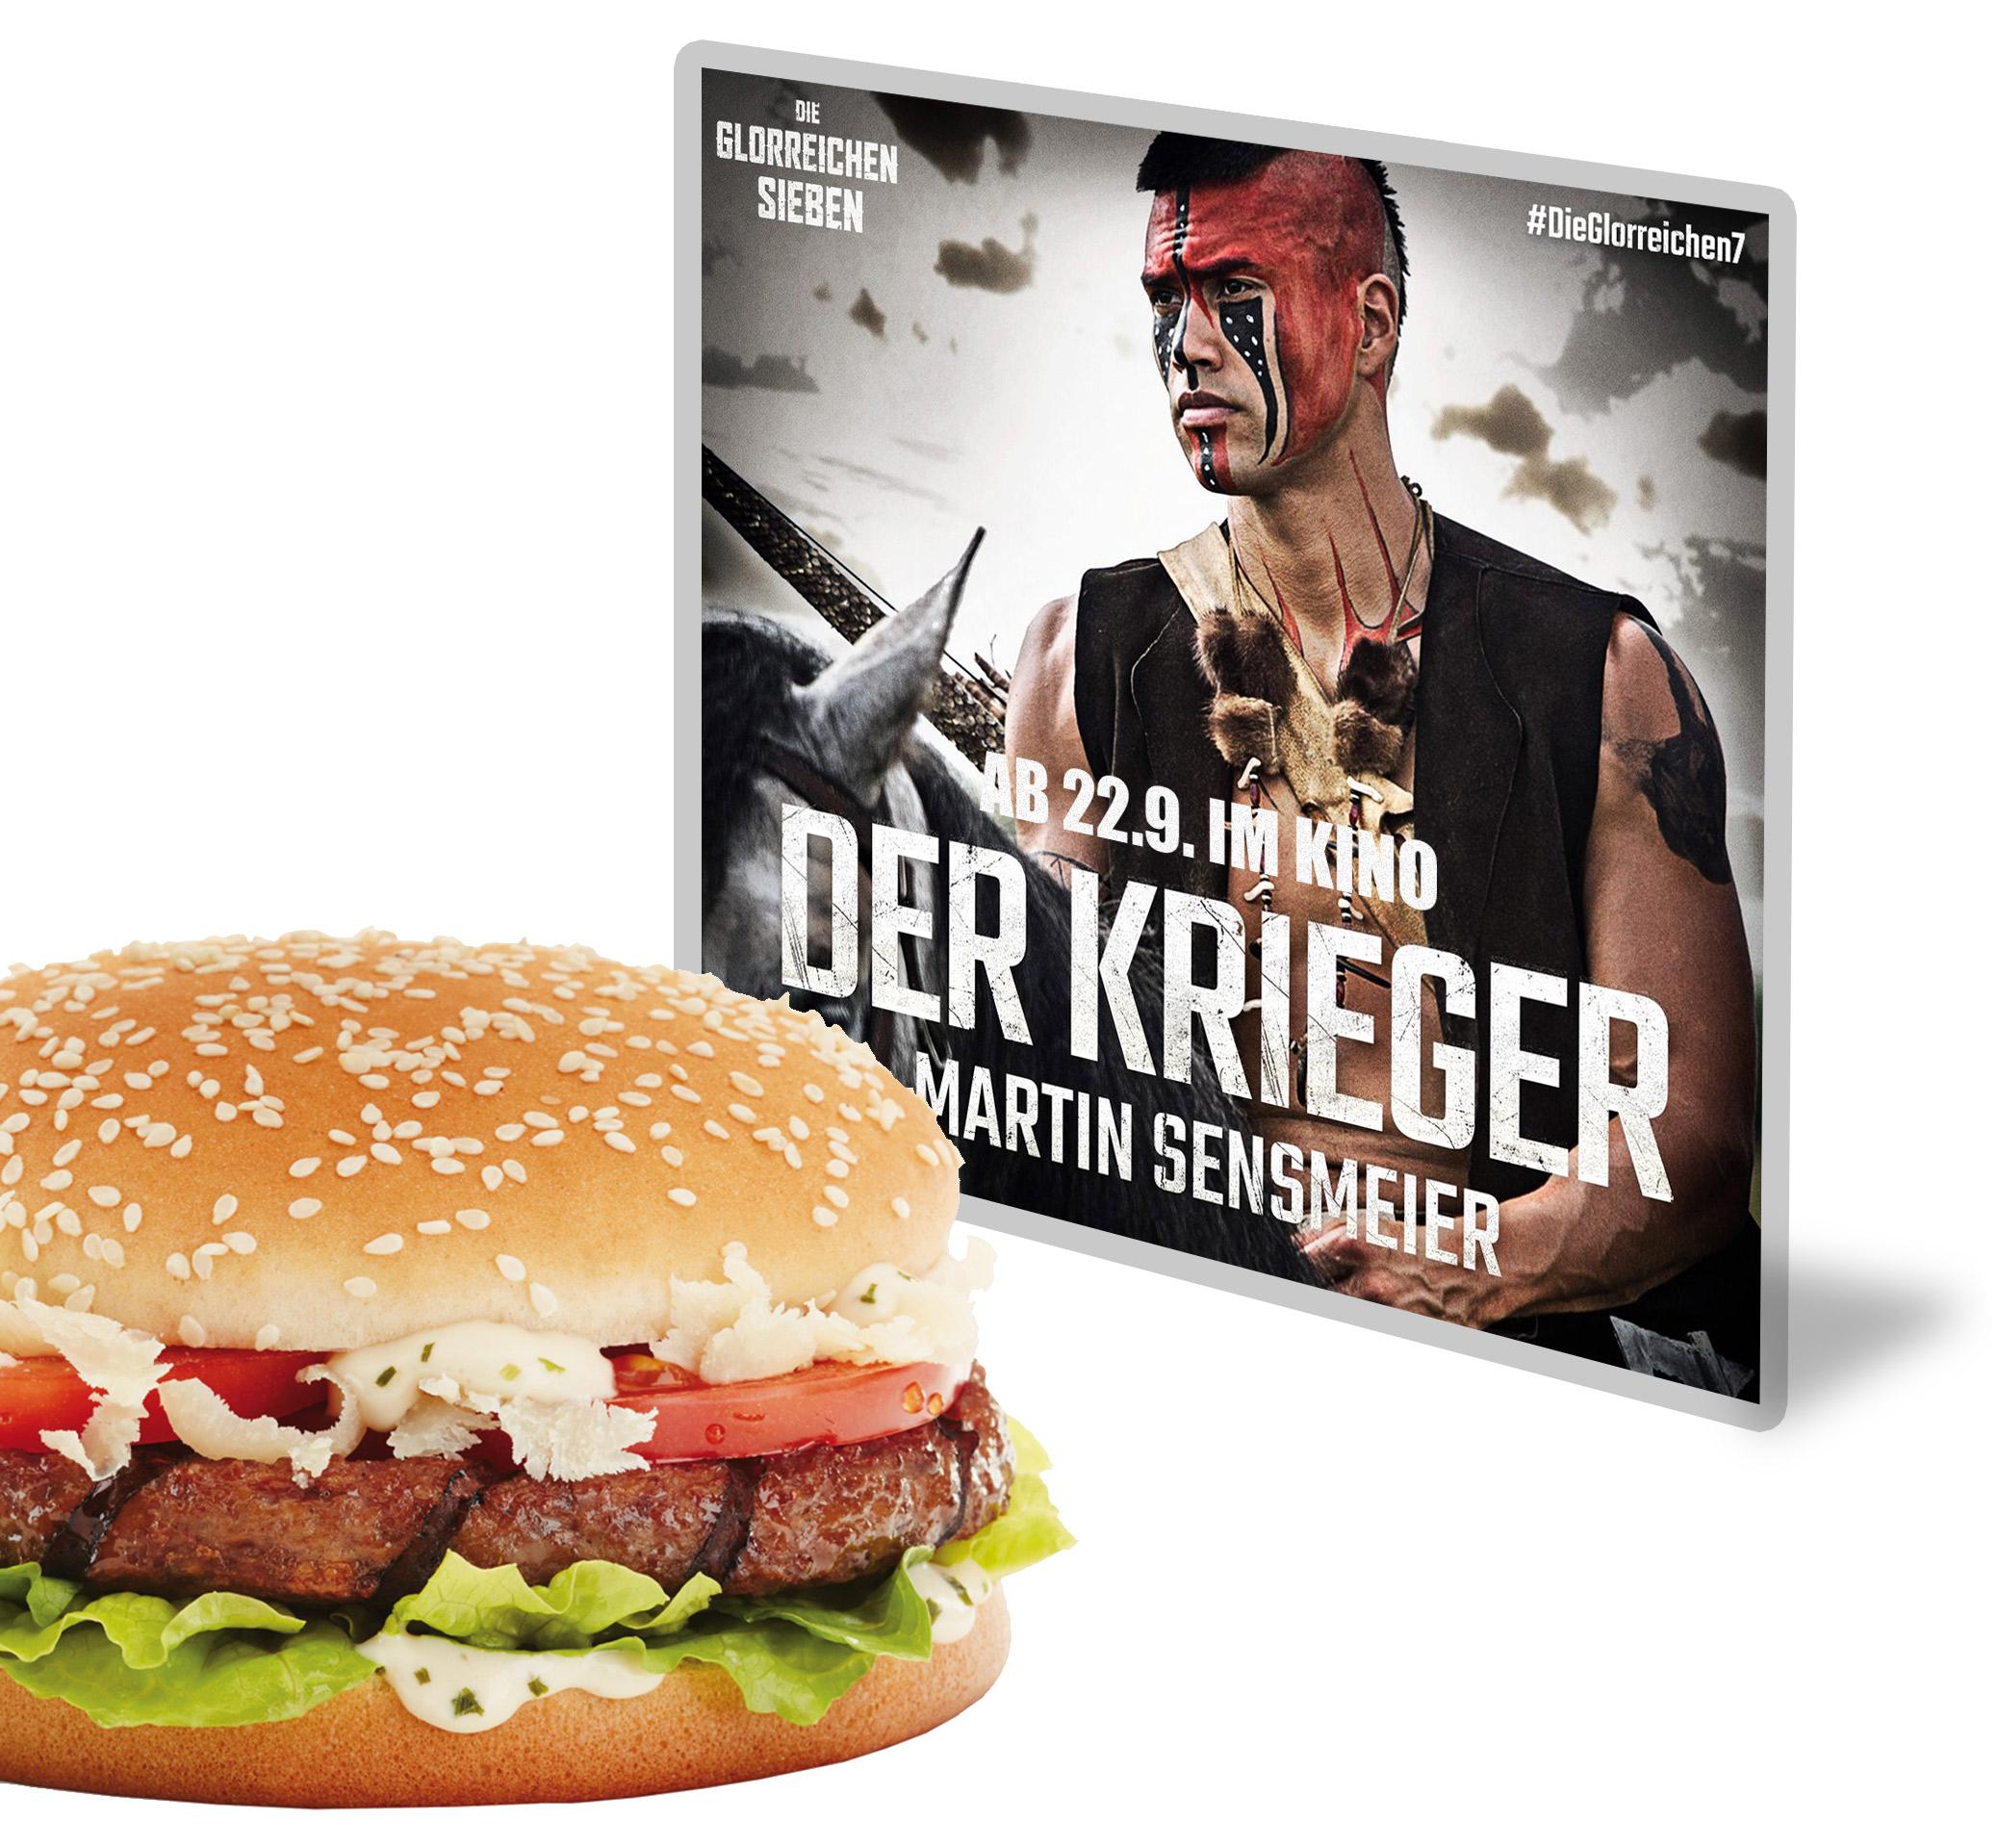 Die glorreichen 7 burgerme Caesar Burger